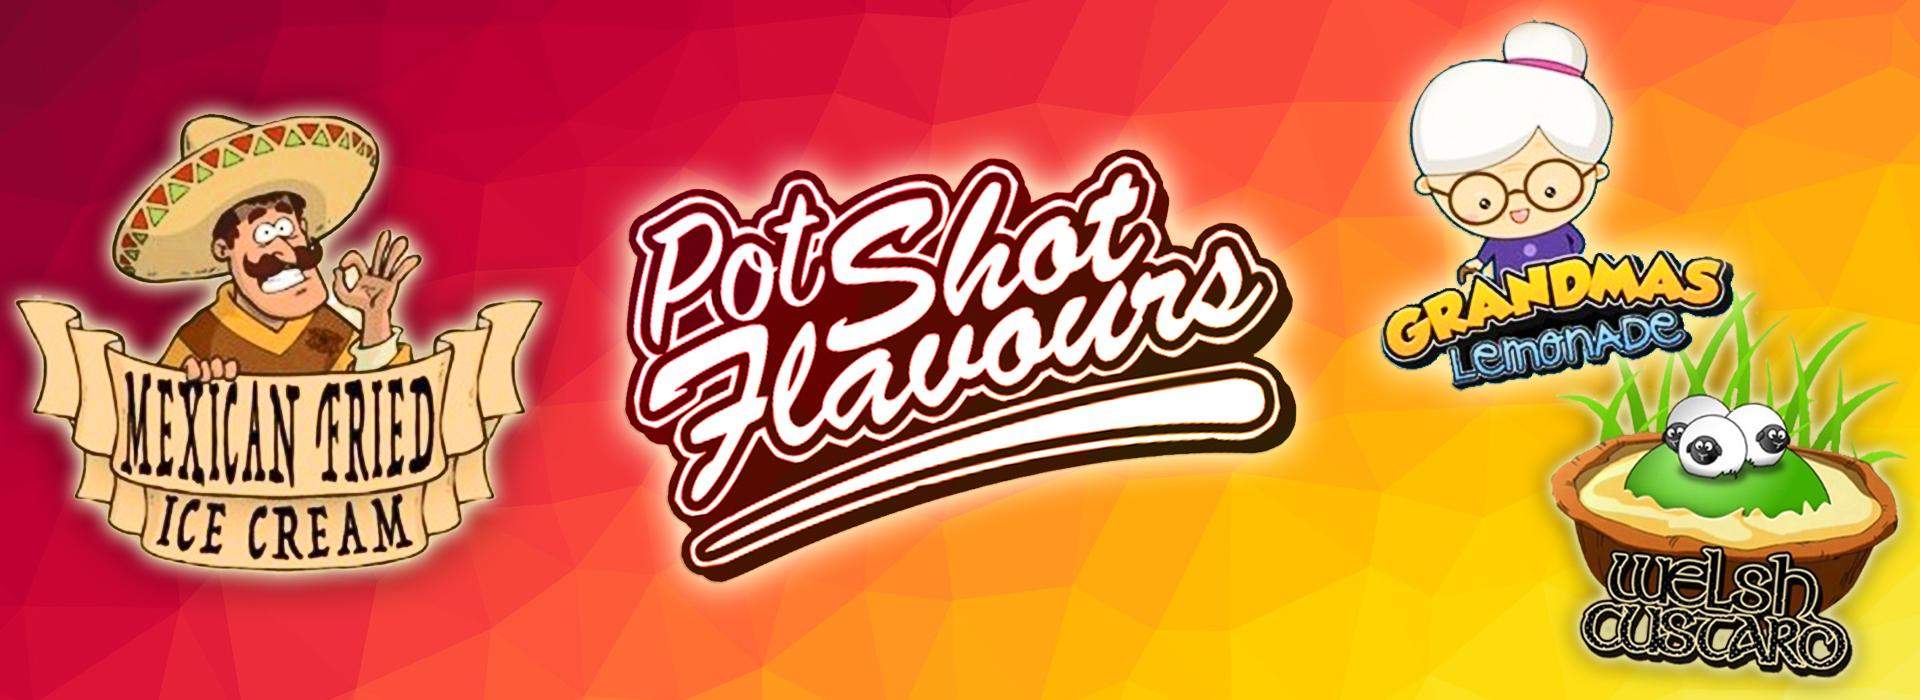 Pot Shot Flavor